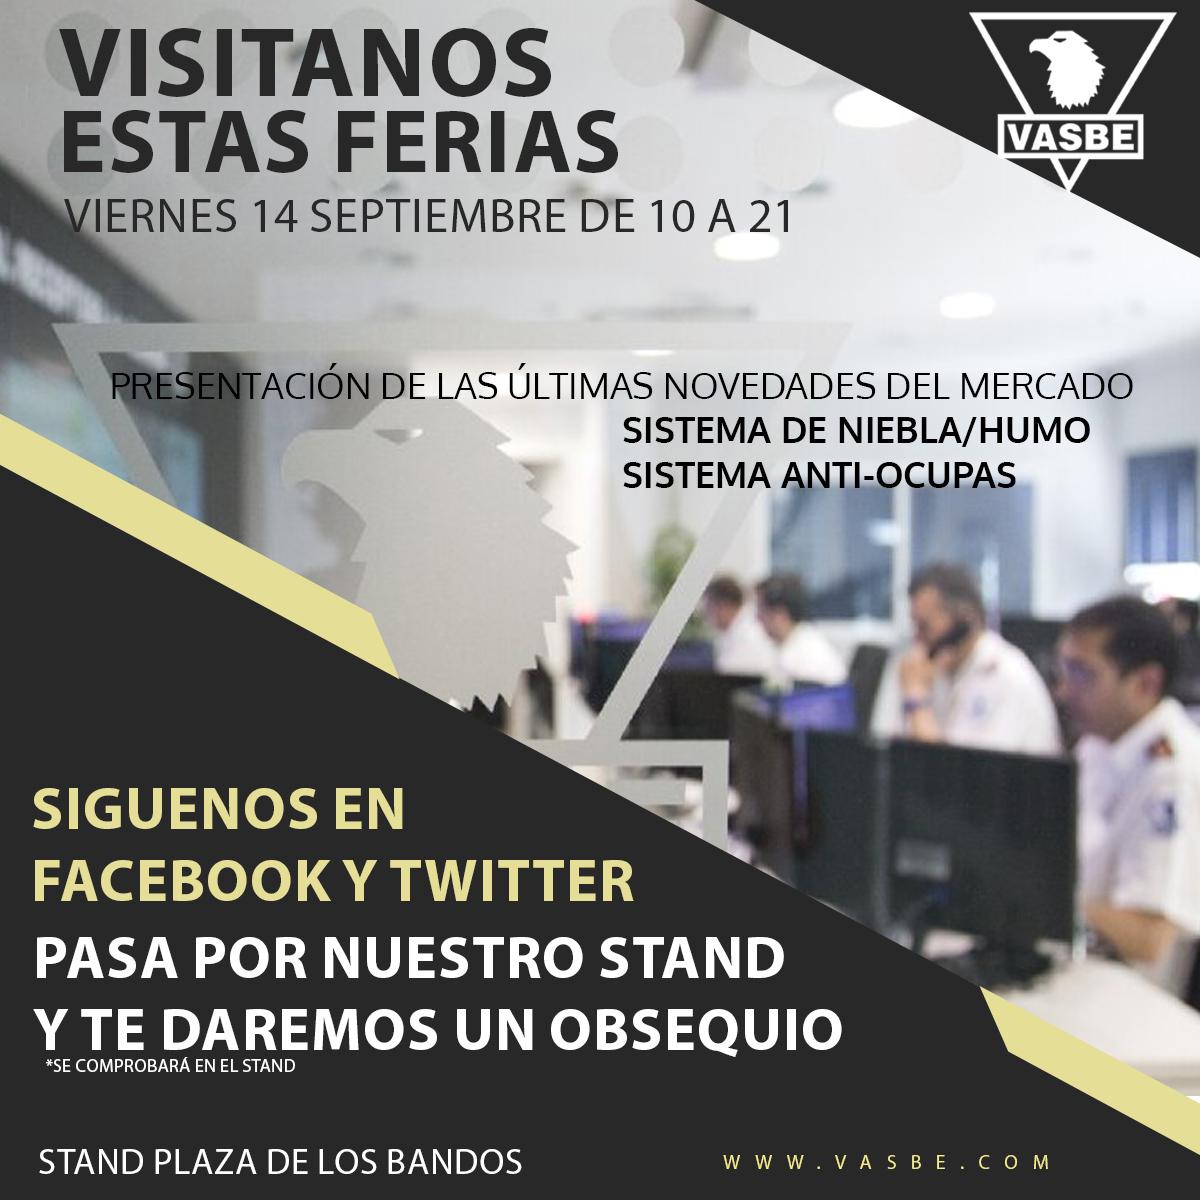 Ferias de Salamanca 2018